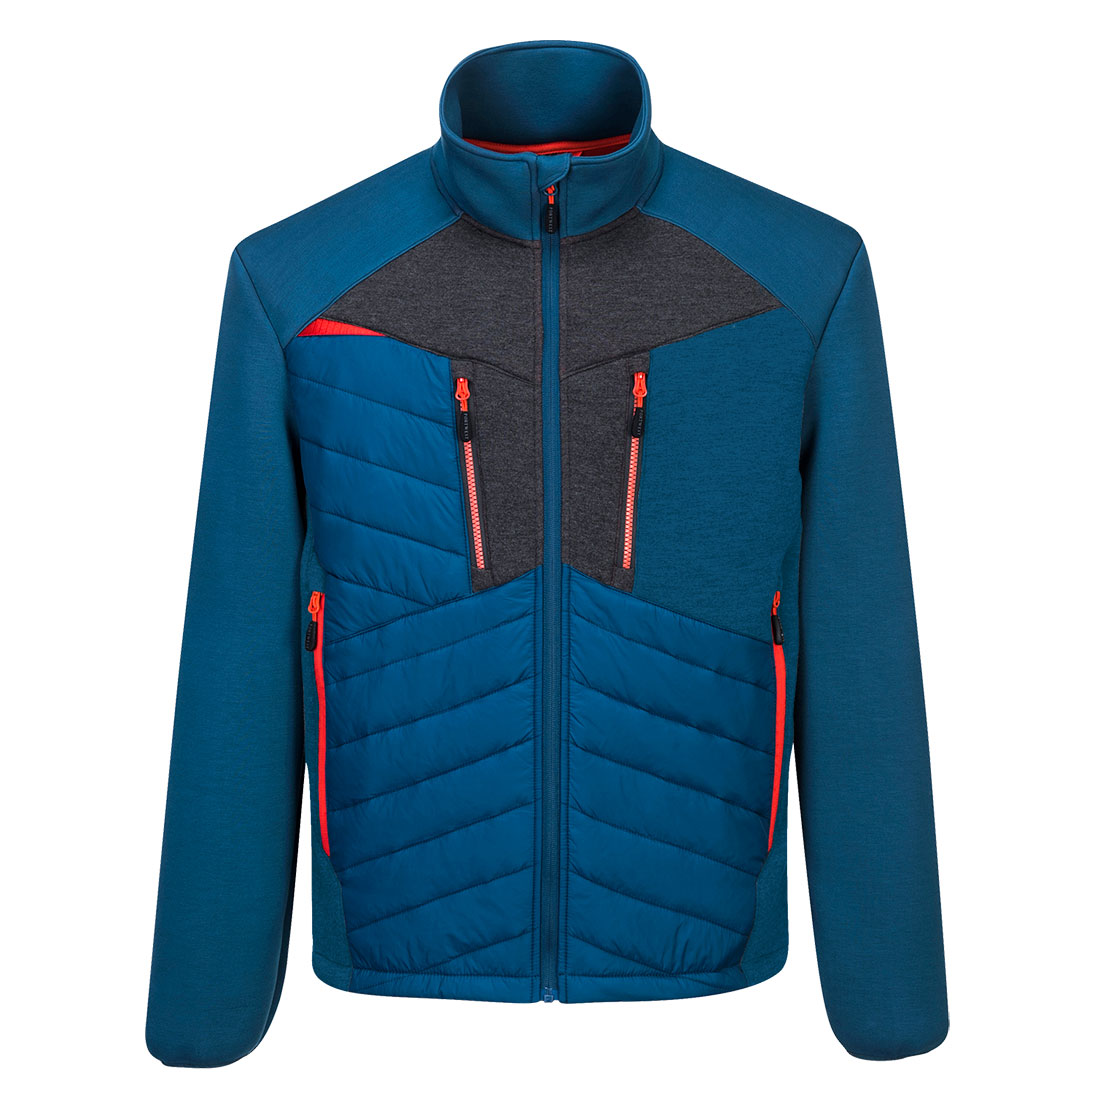 DX4 Jacket Metro Blue XXXLR